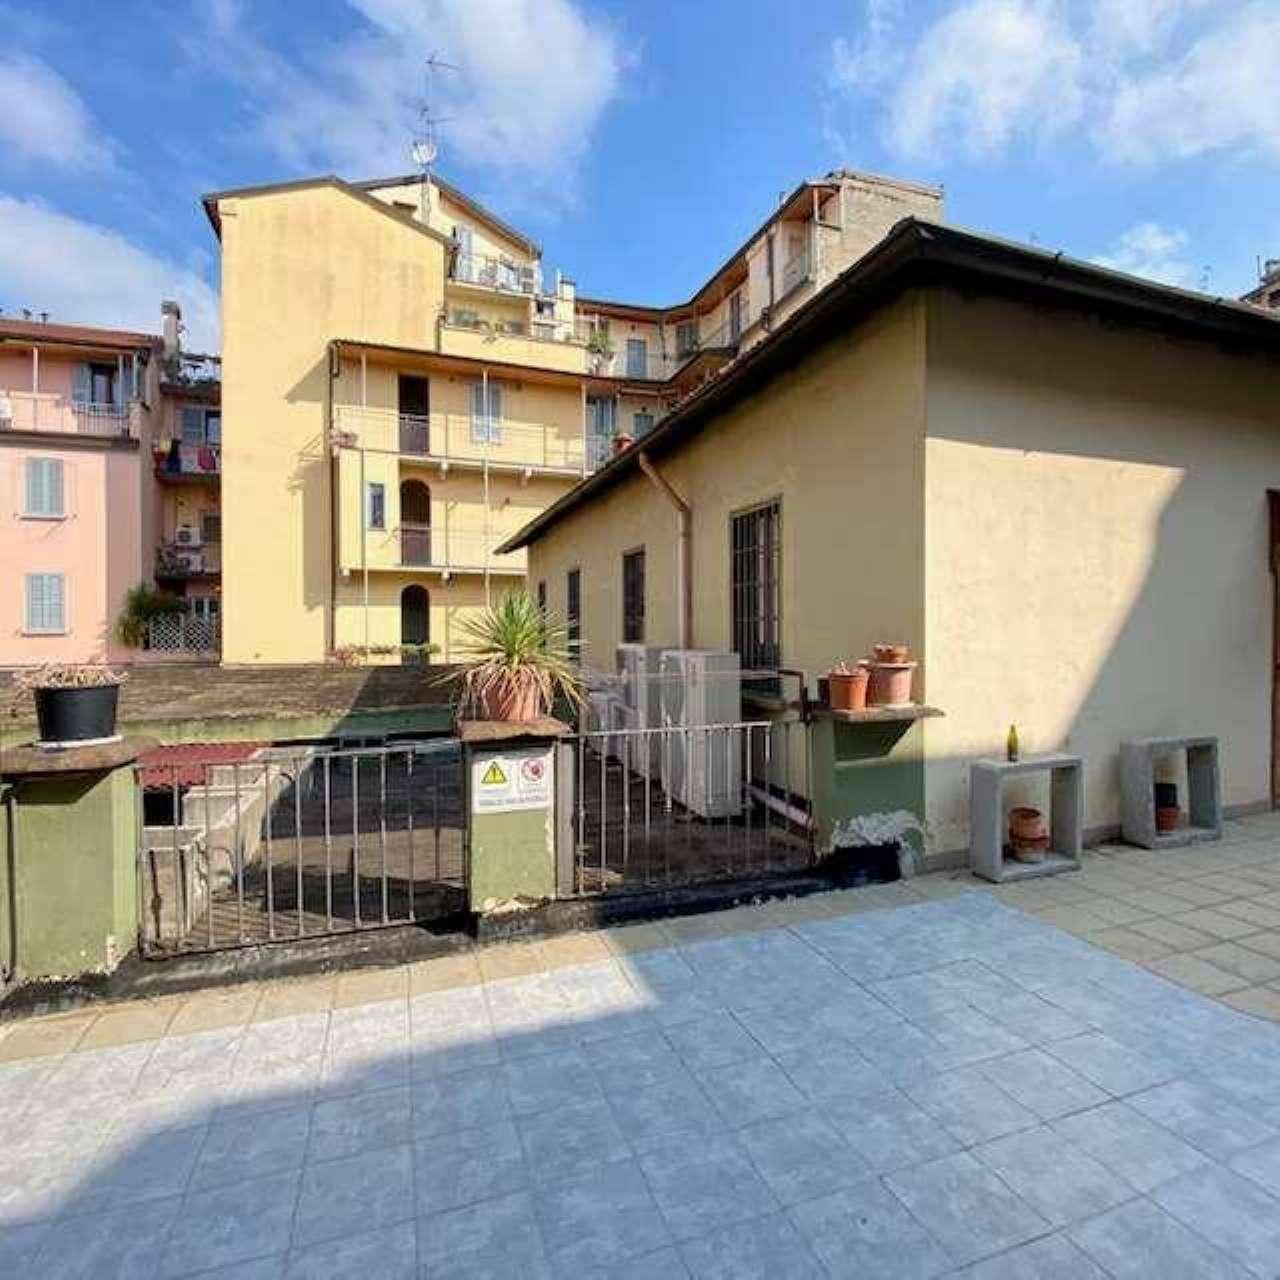 Milano Vendita VILLETTA Immagine 0